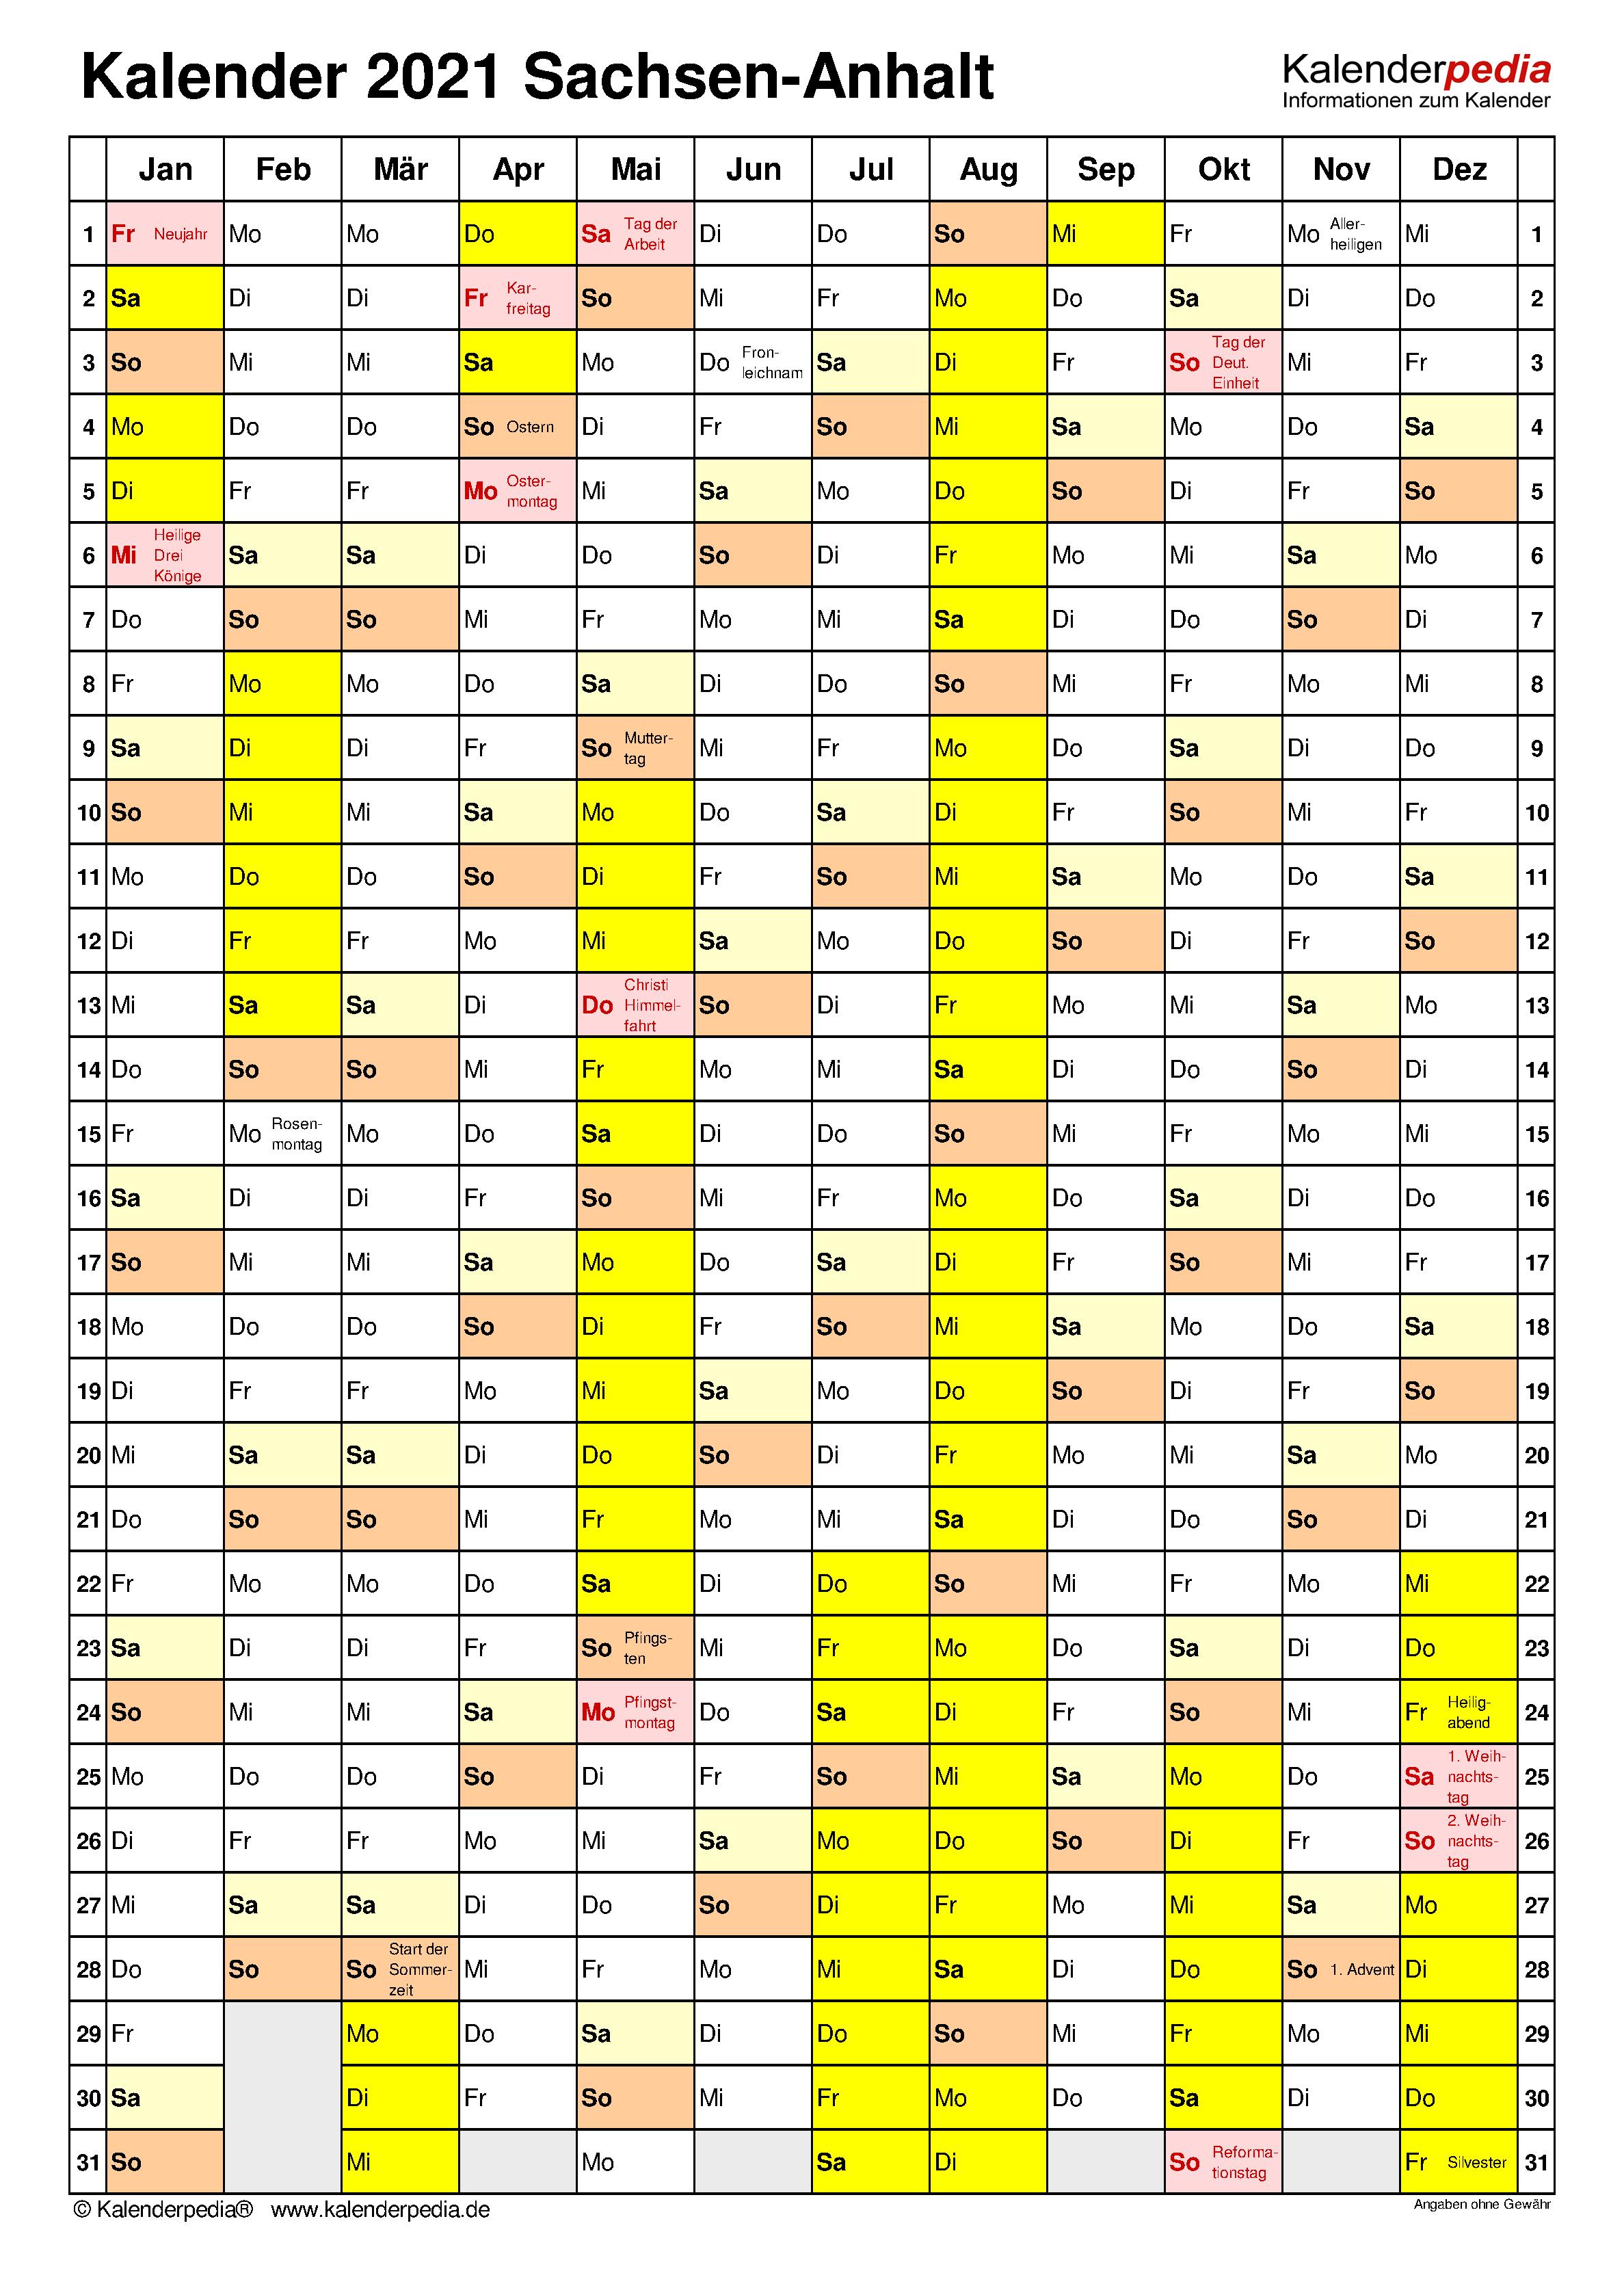 Kalender 2021 Sachsen-Anhalt: Ferien, Feiertage, Excel ...